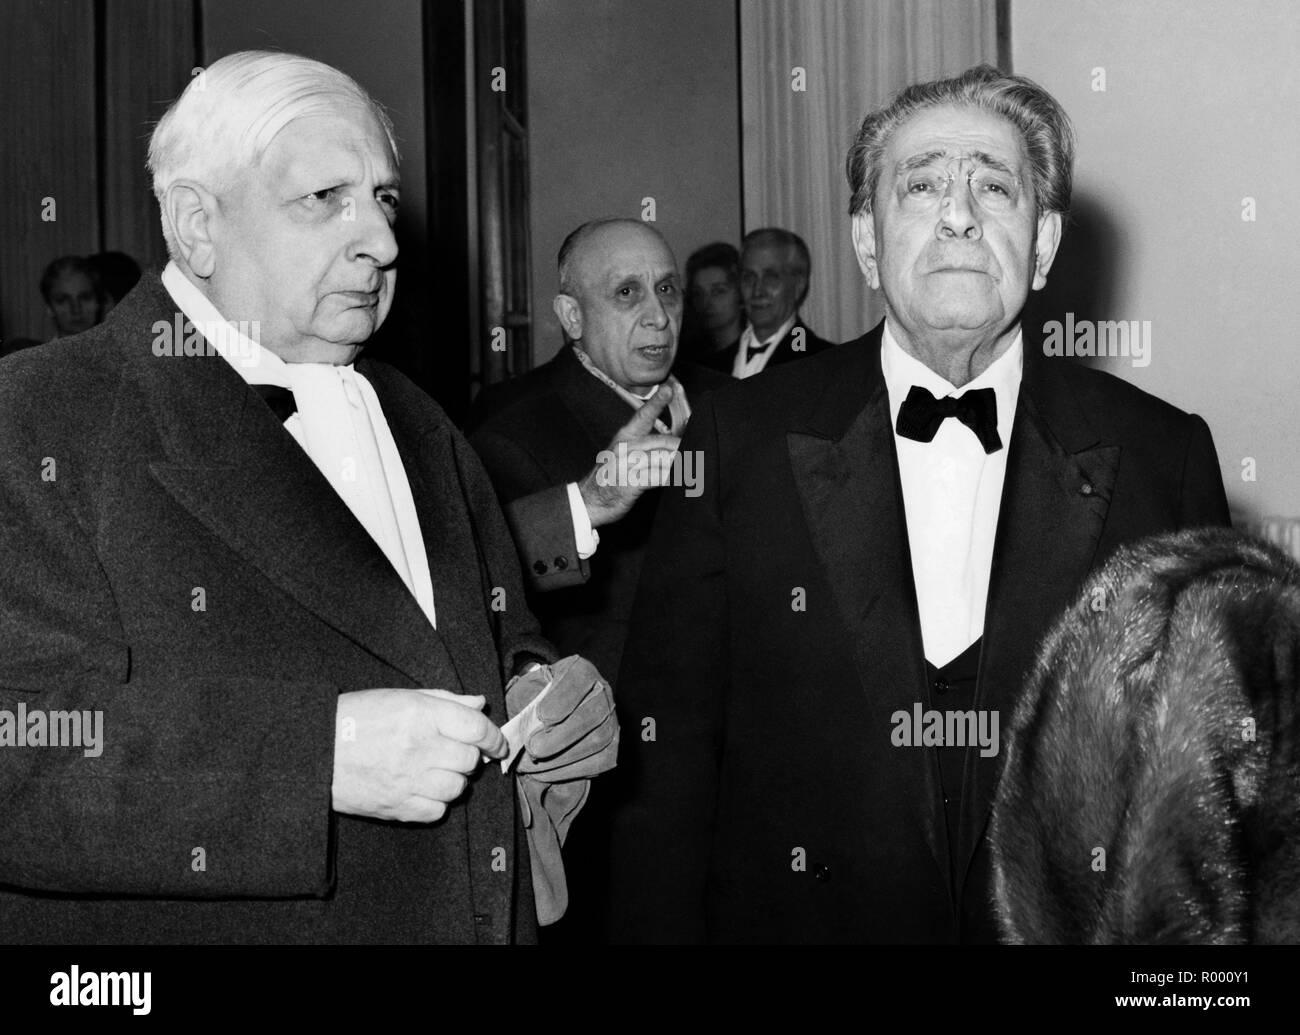 giorgio de chirico at the inauguration of the opera season, 1960 Stock Photo